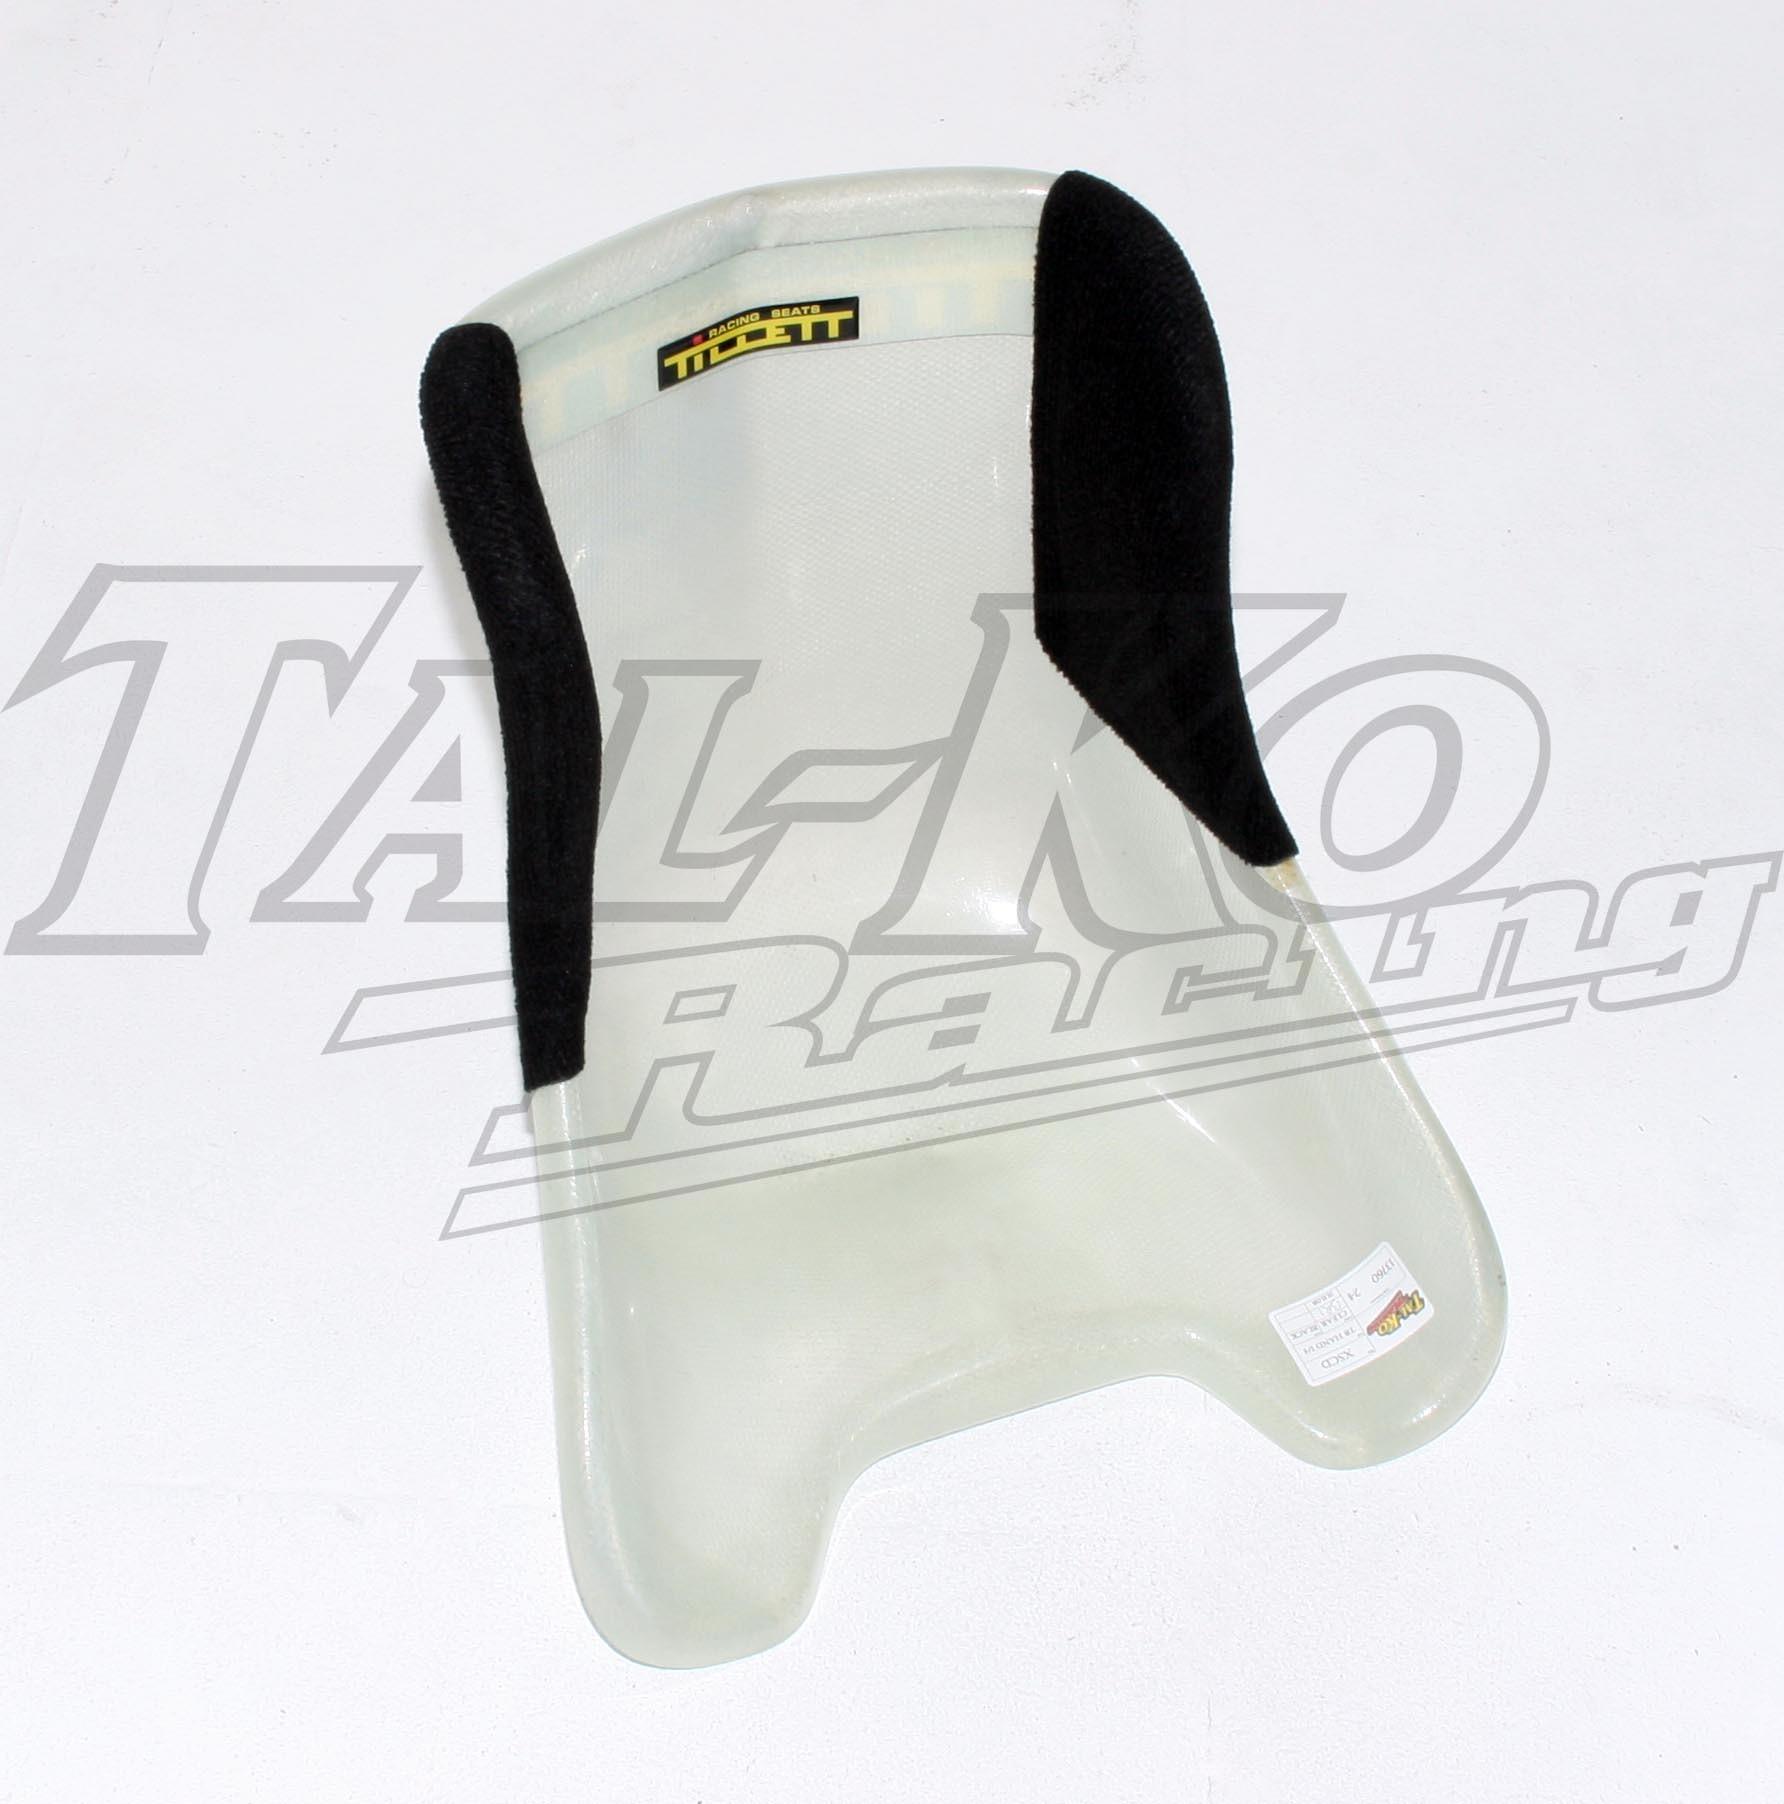 TILLETT RACING SEAT T8 1/4 XSCD